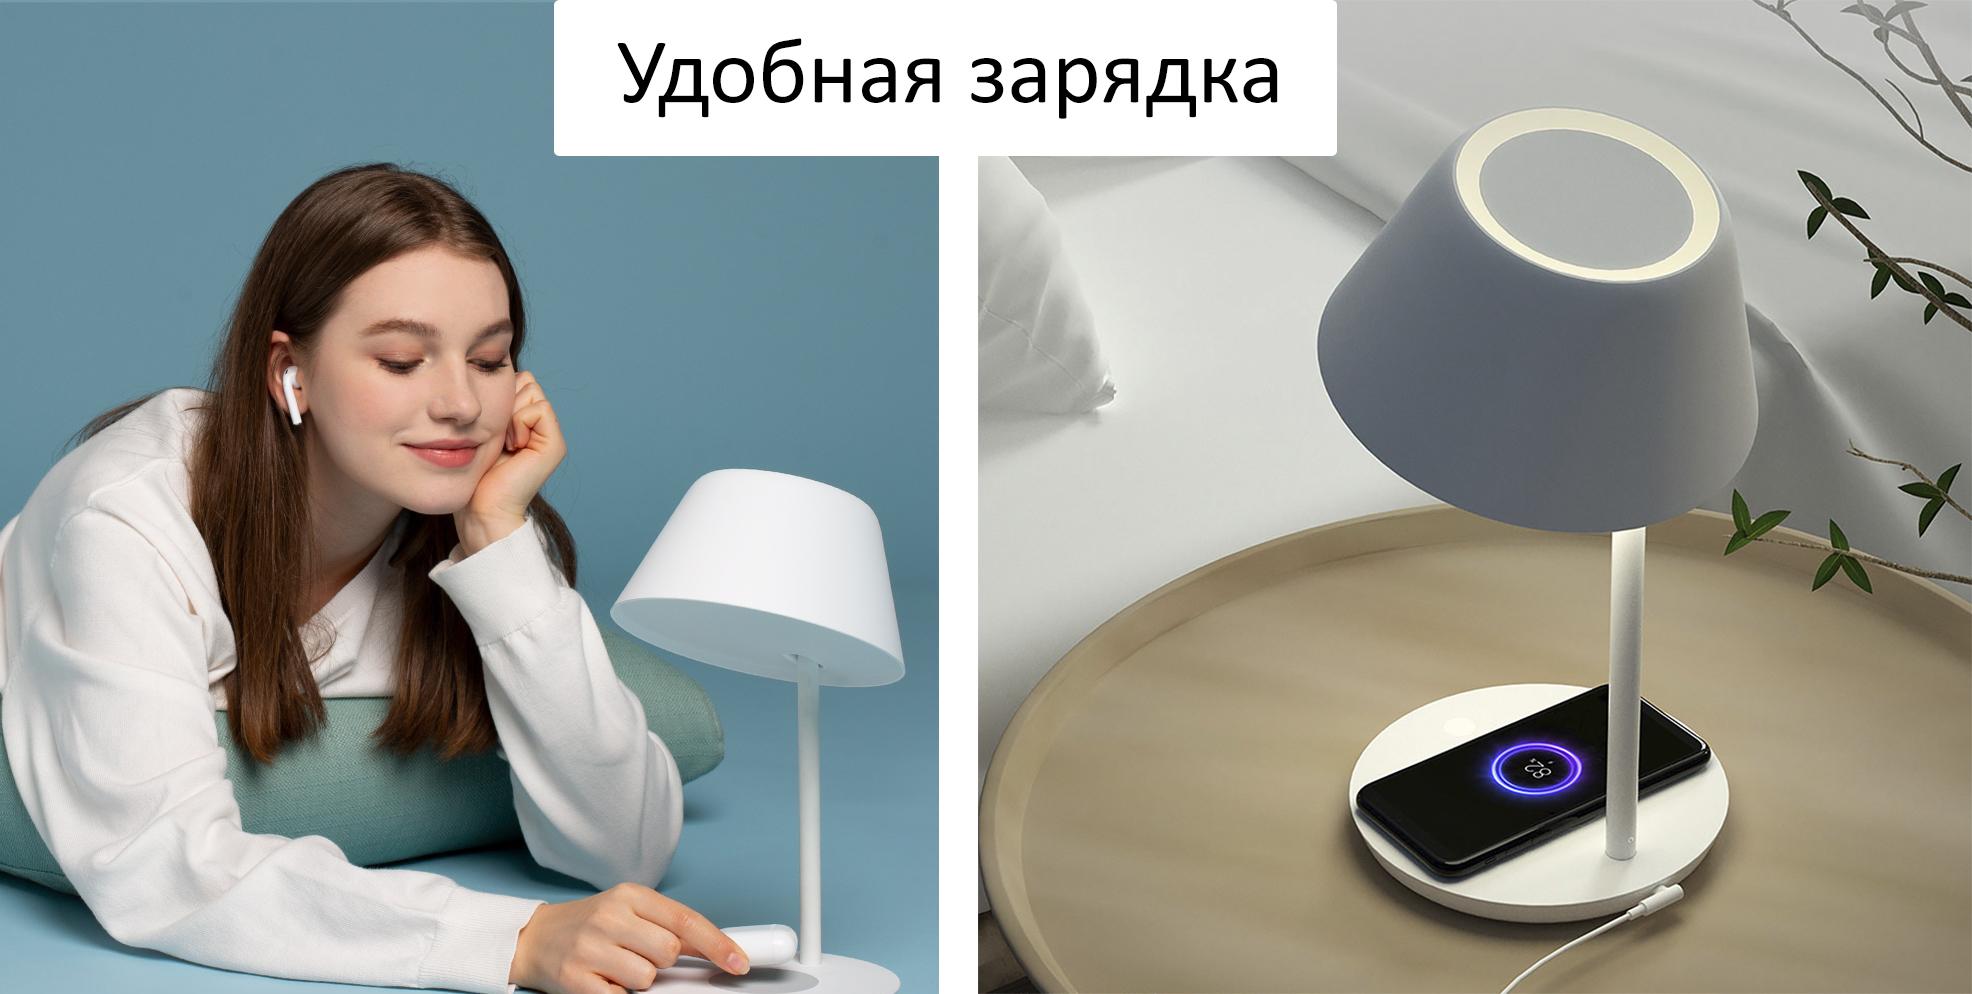 Прикроватная лампа Xiaomi Smart Yeelight Staria Pro белая robot4home.ru